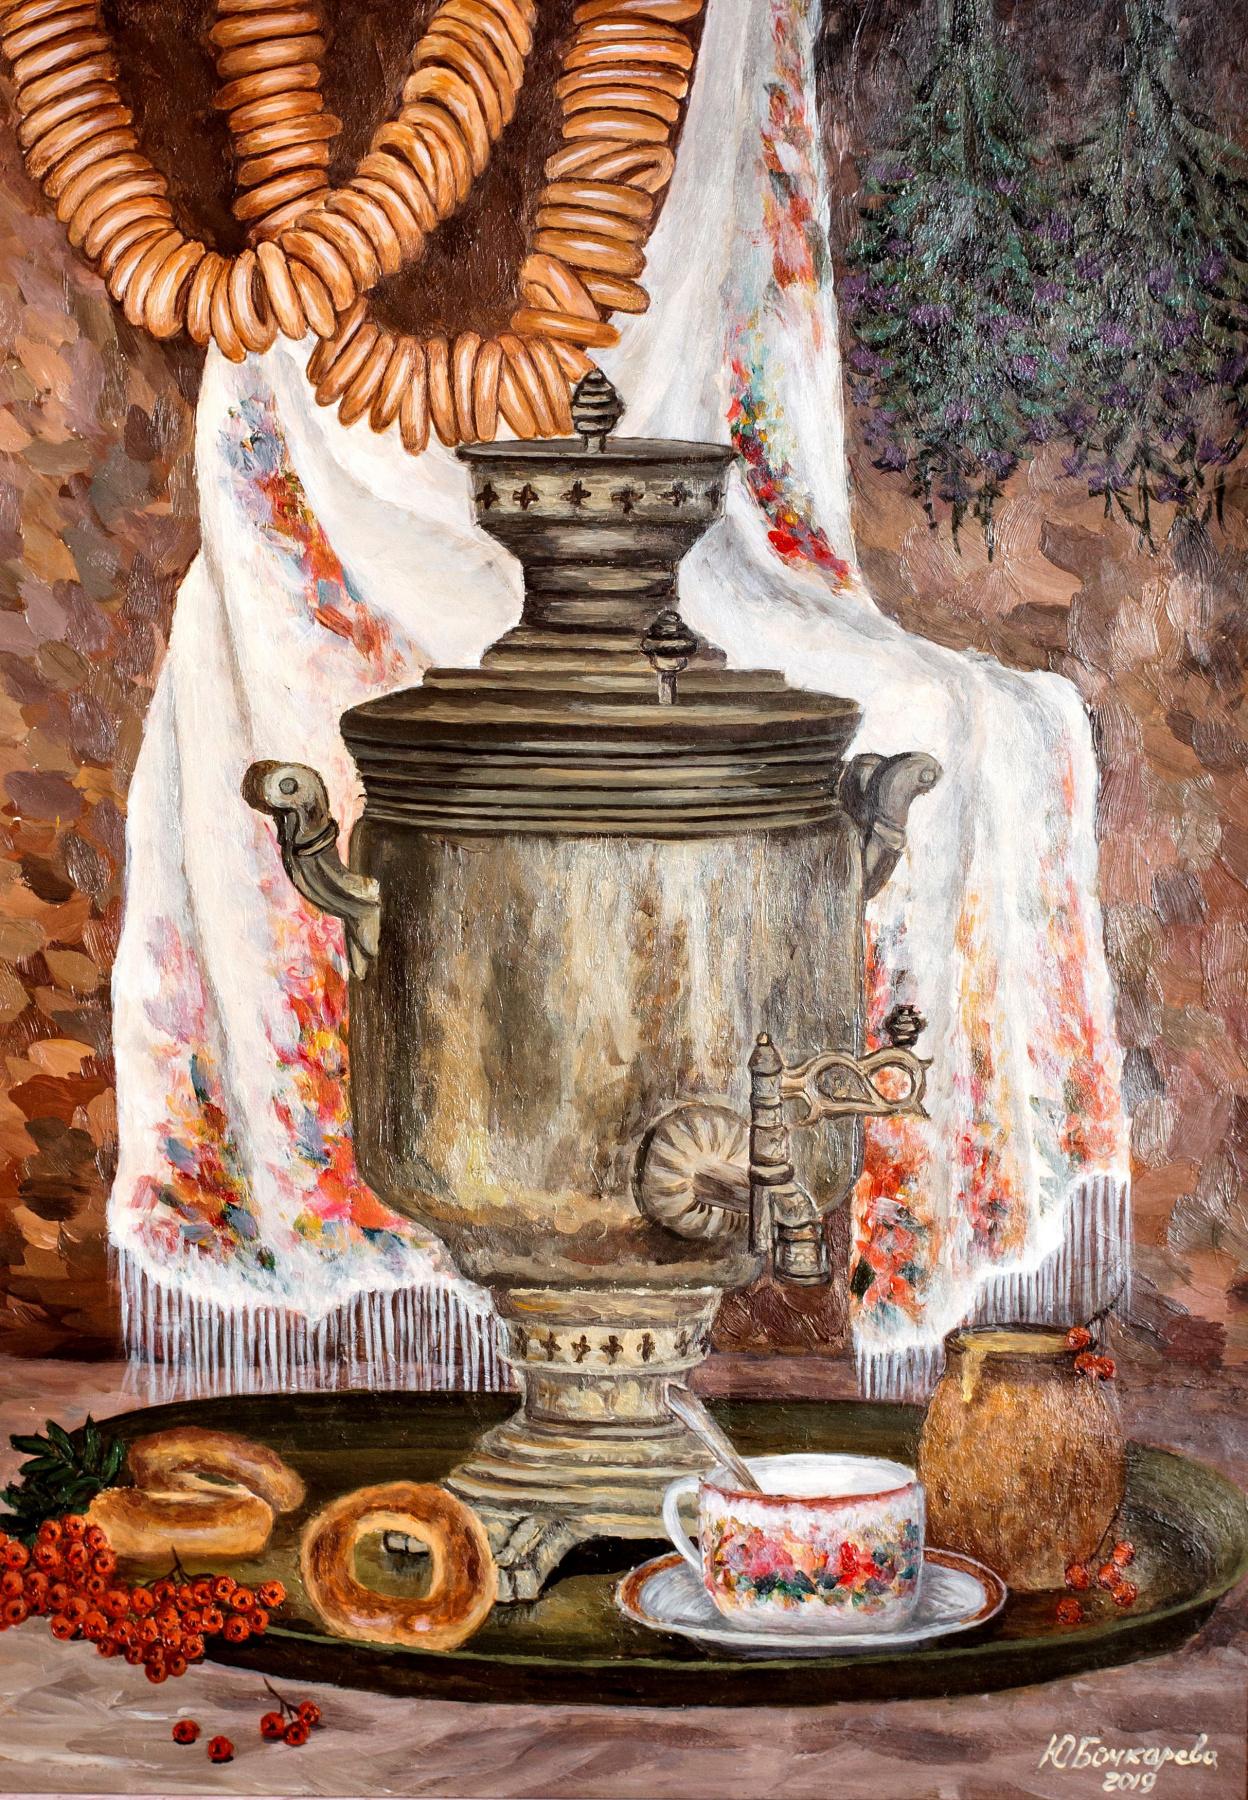 Julia Sergeevna Bochkareva. Russian soul